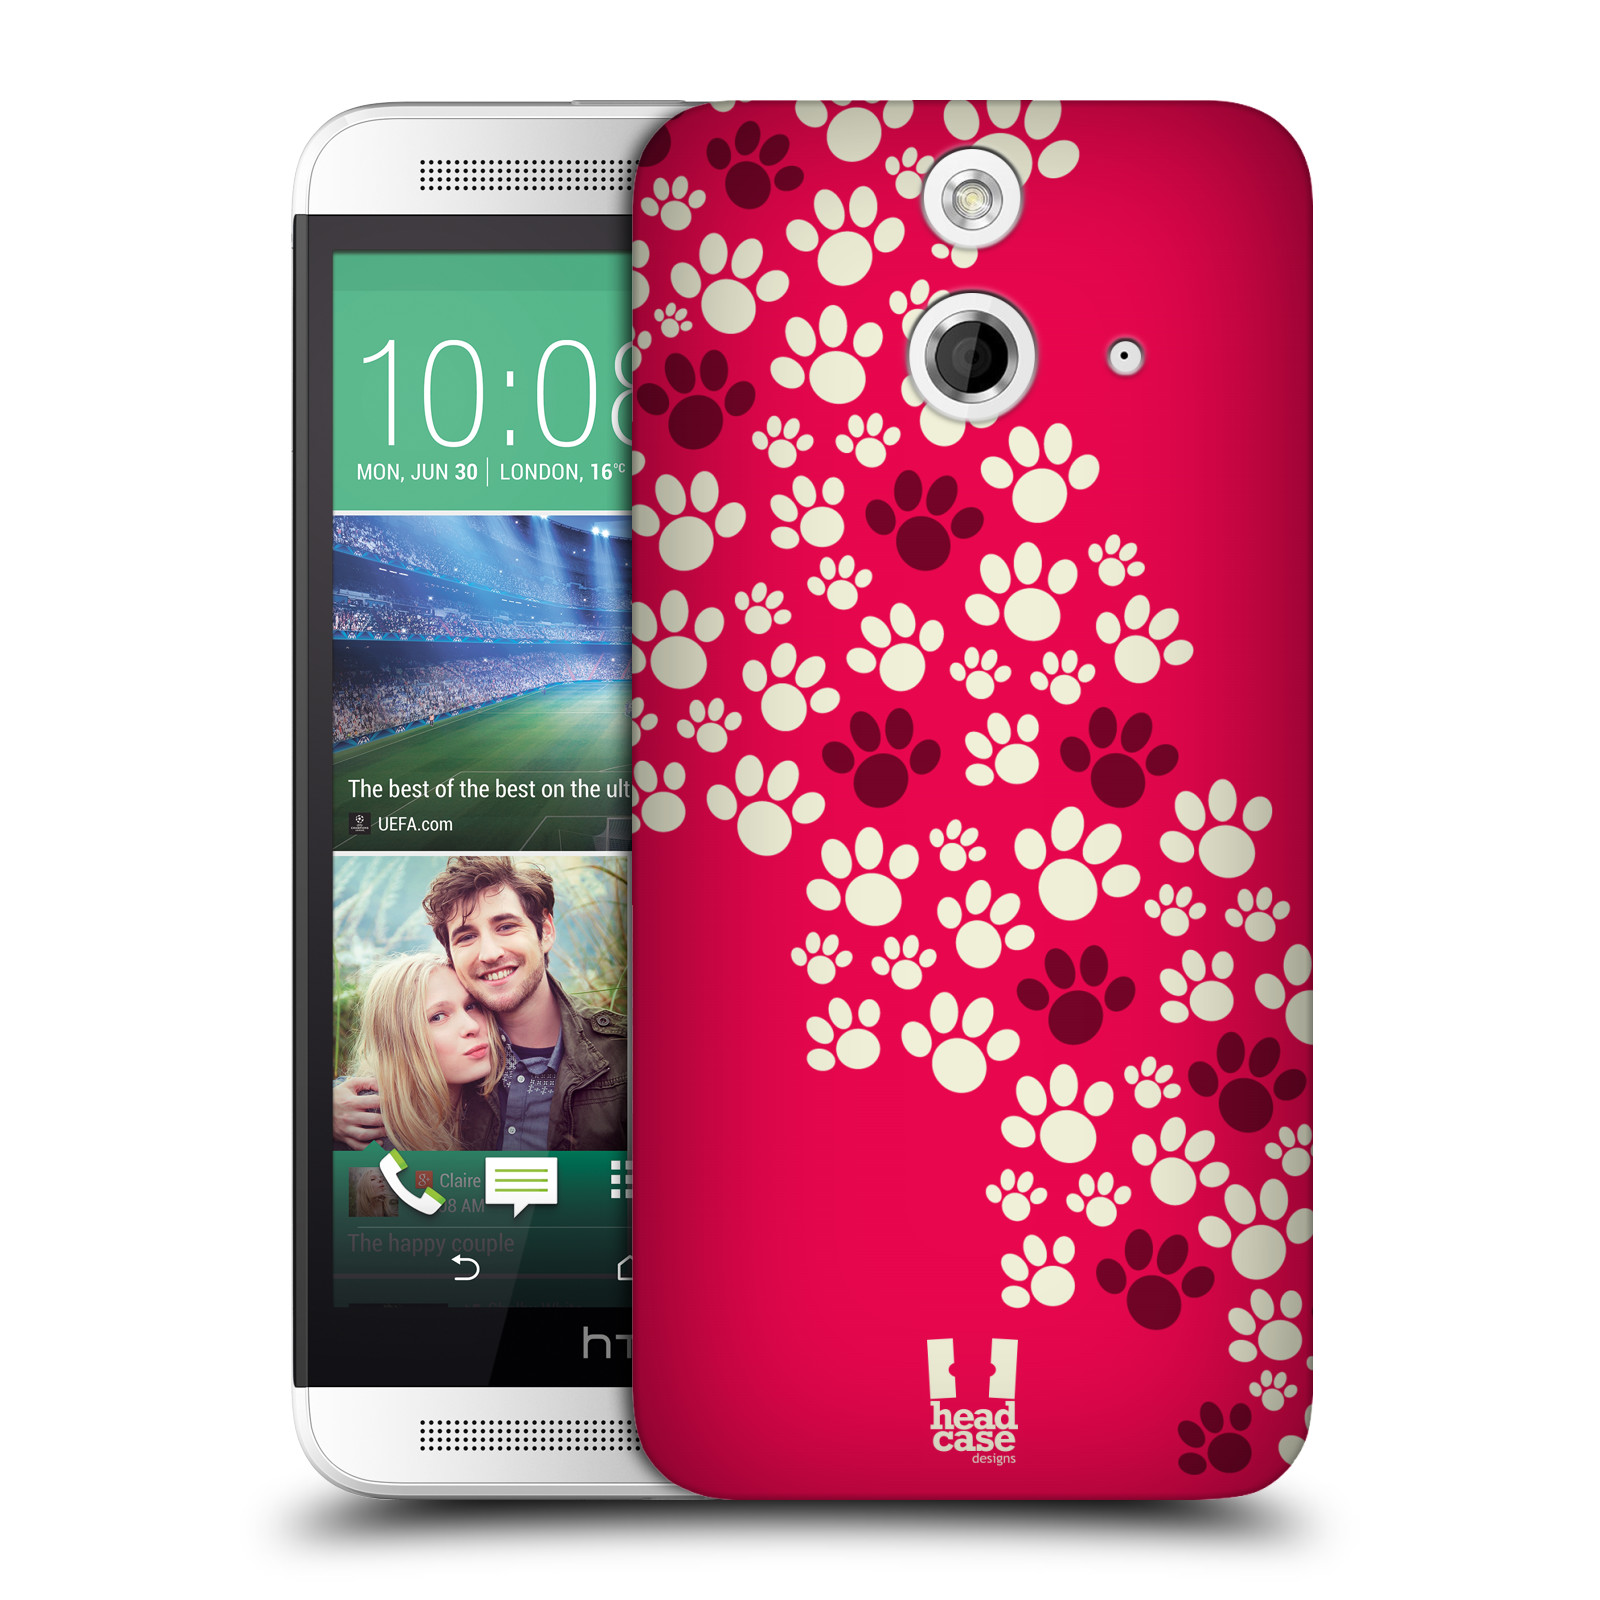 Plastové pouzdro na mobil HTC ONE E8 HEAD CASE TLAPKY RŮŽOVÉ (Kryt či obal na mobilní telefon HTC ONE E8)